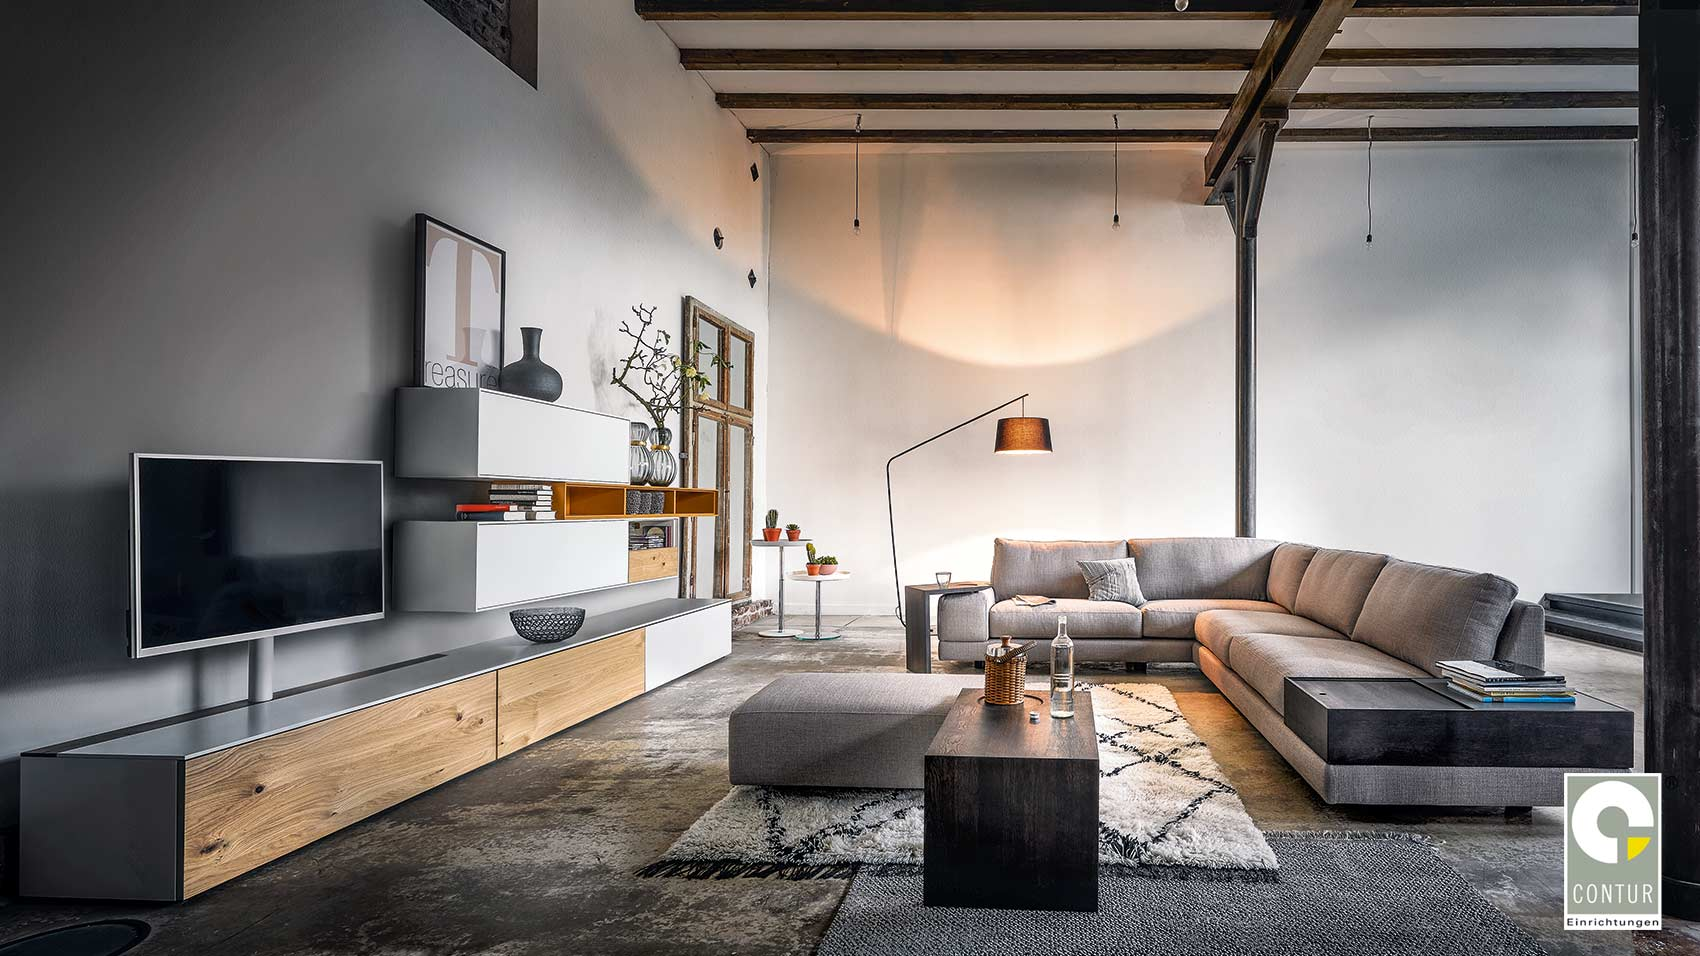 contur einrichten nahe erfurt jena weimar m bel u k chen by land blankenhain. Black Bedroom Furniture Sets. Home Design Ideas